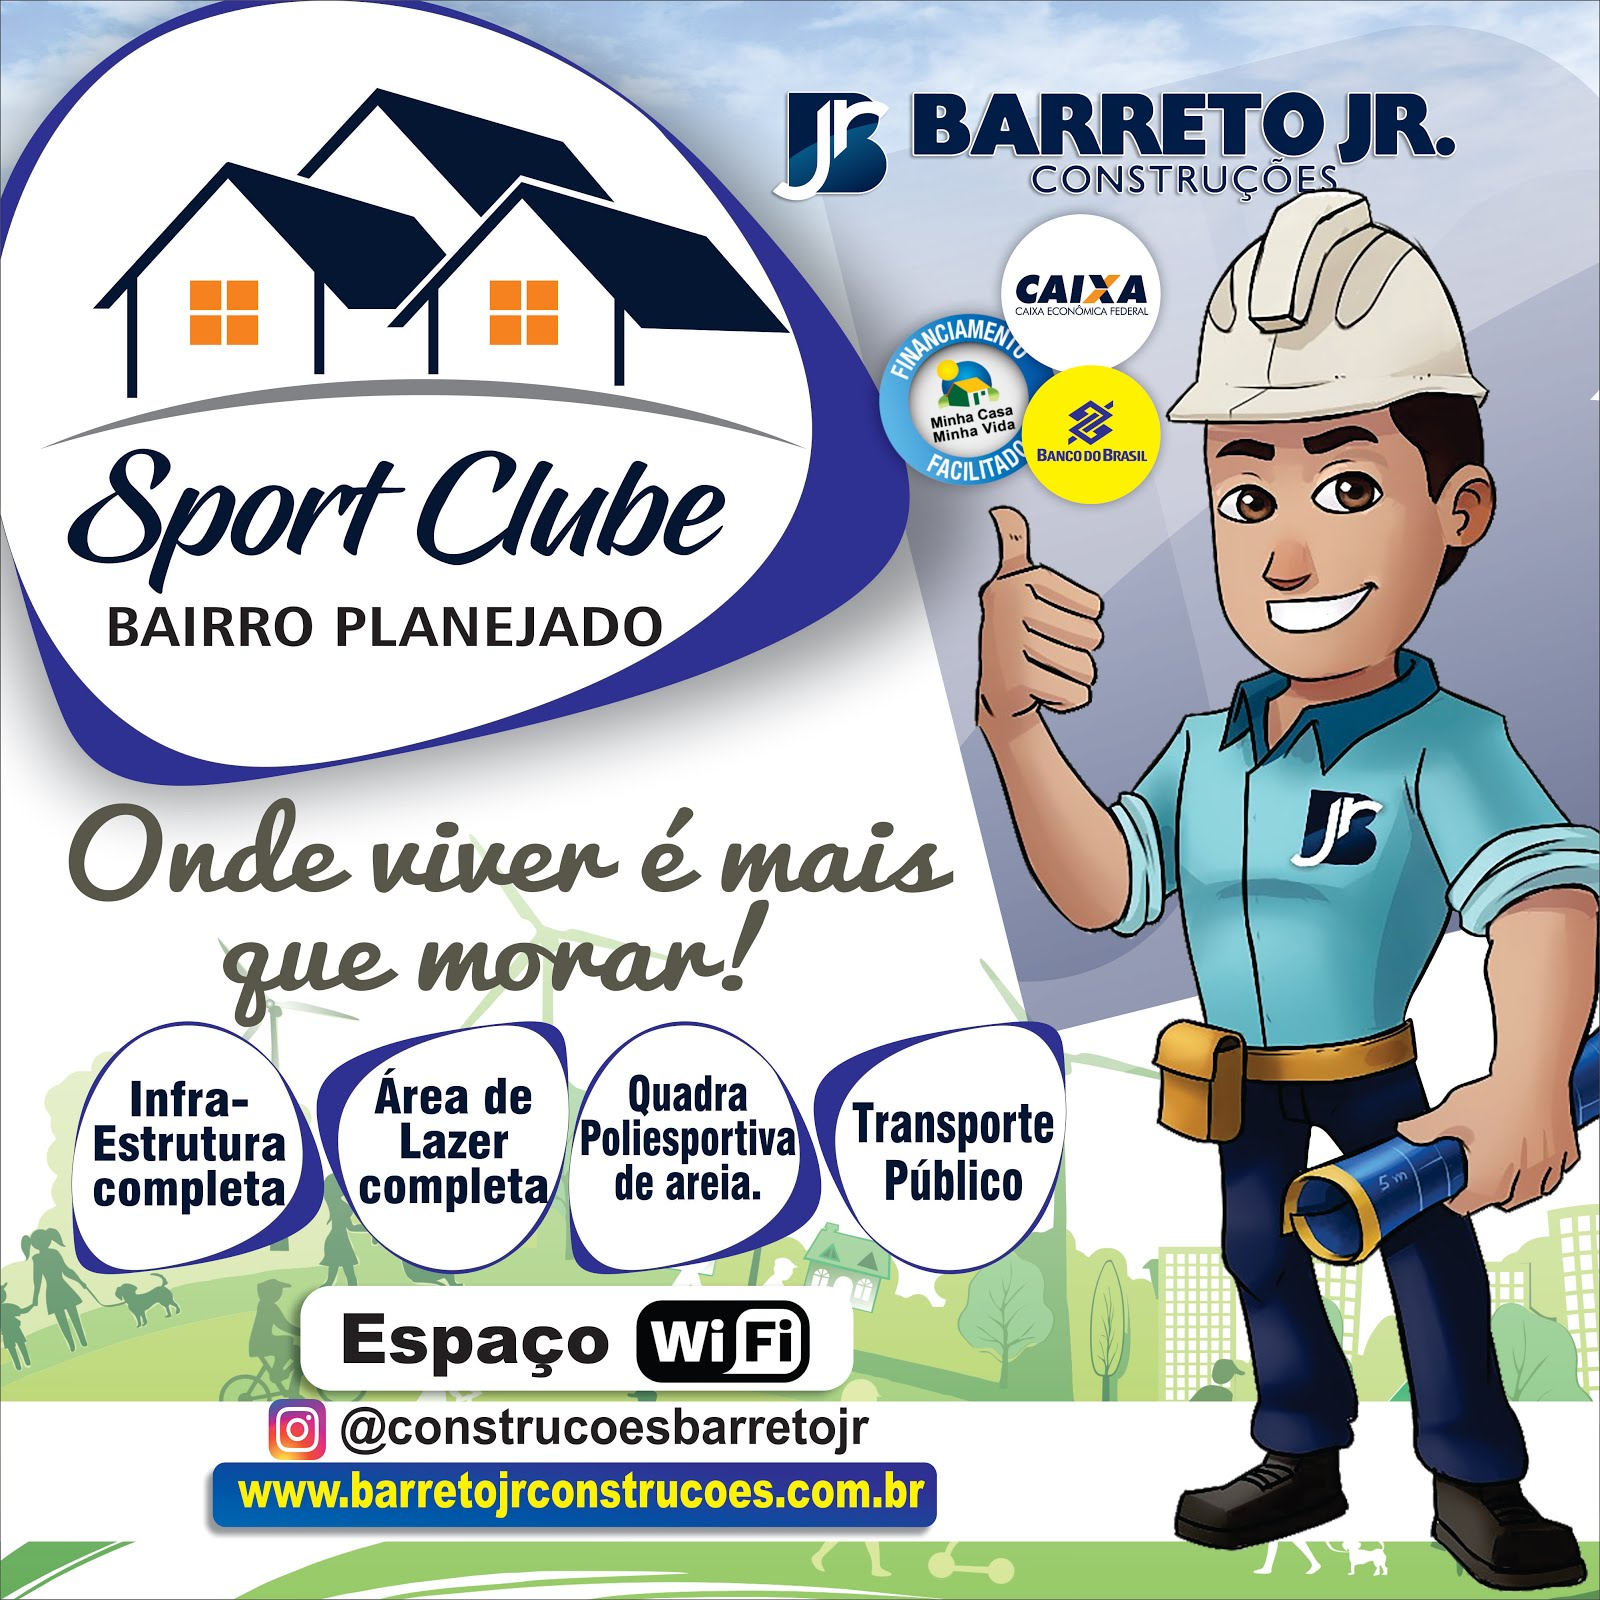 BARRETO JR. CONSTRUÇÕES